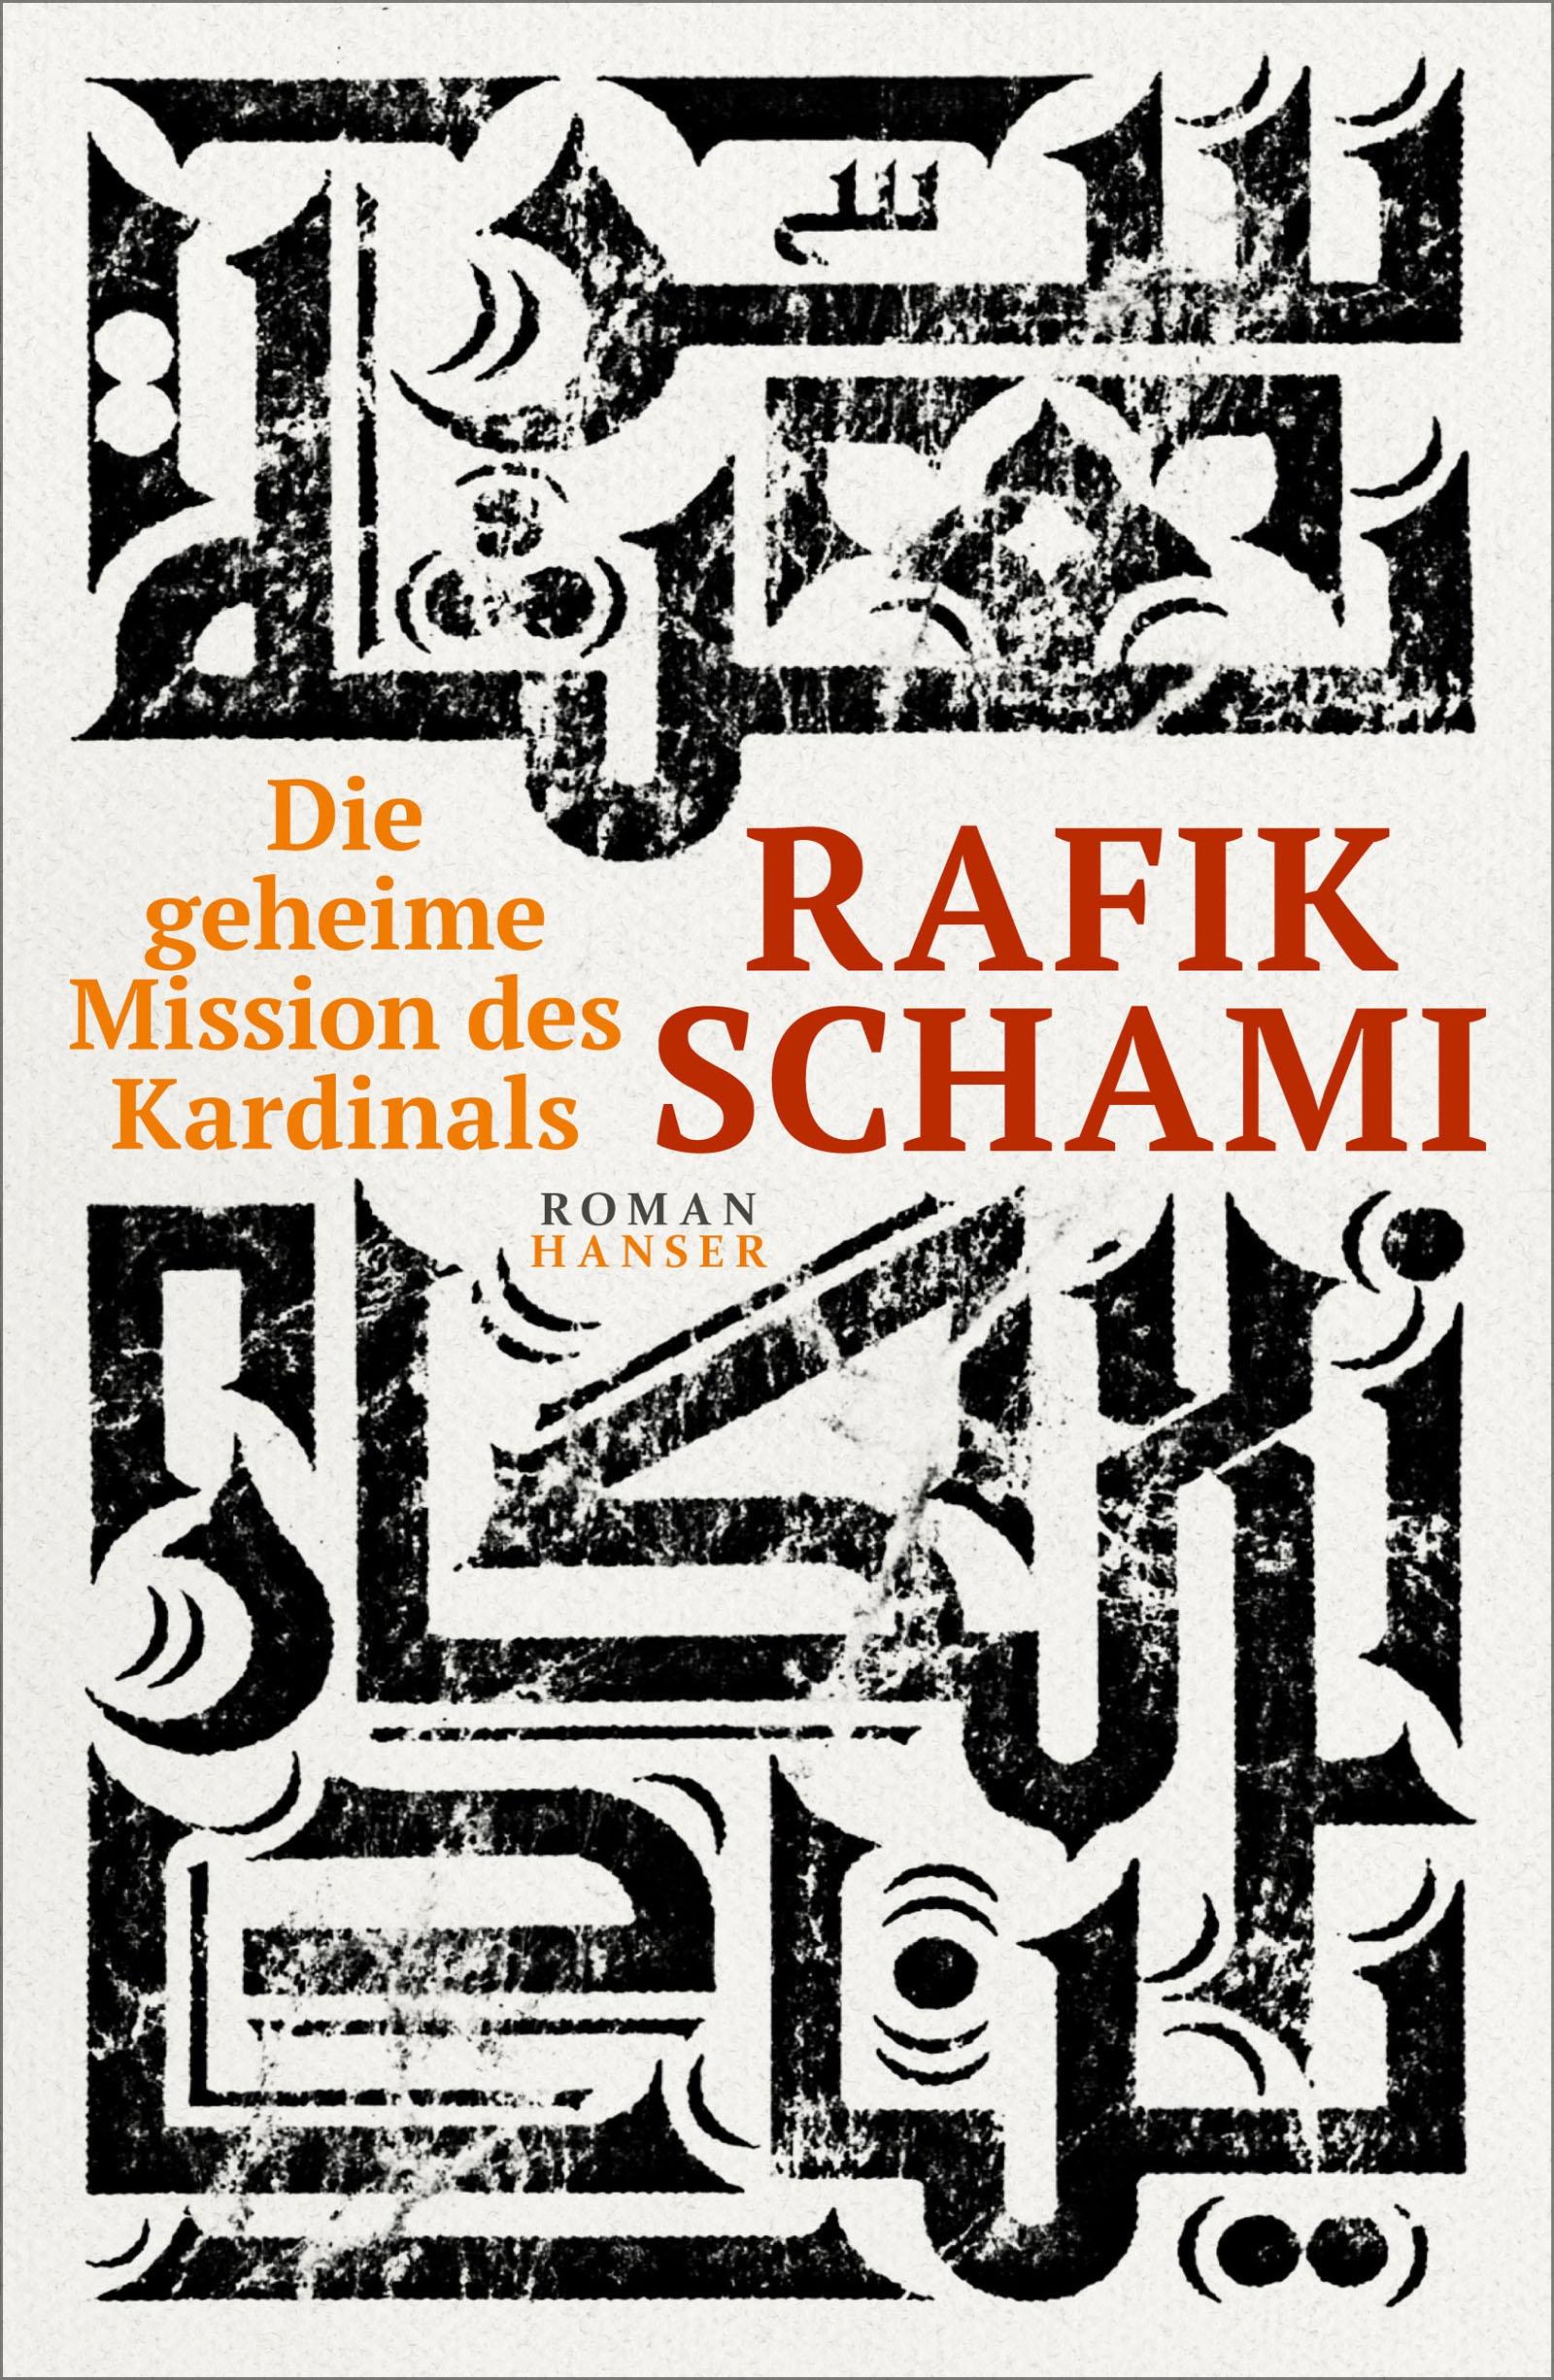 https://www.hanser-literaturverlage.de/buch/die-geheime-mission-des-kardinals/978-3-446-26379-6/